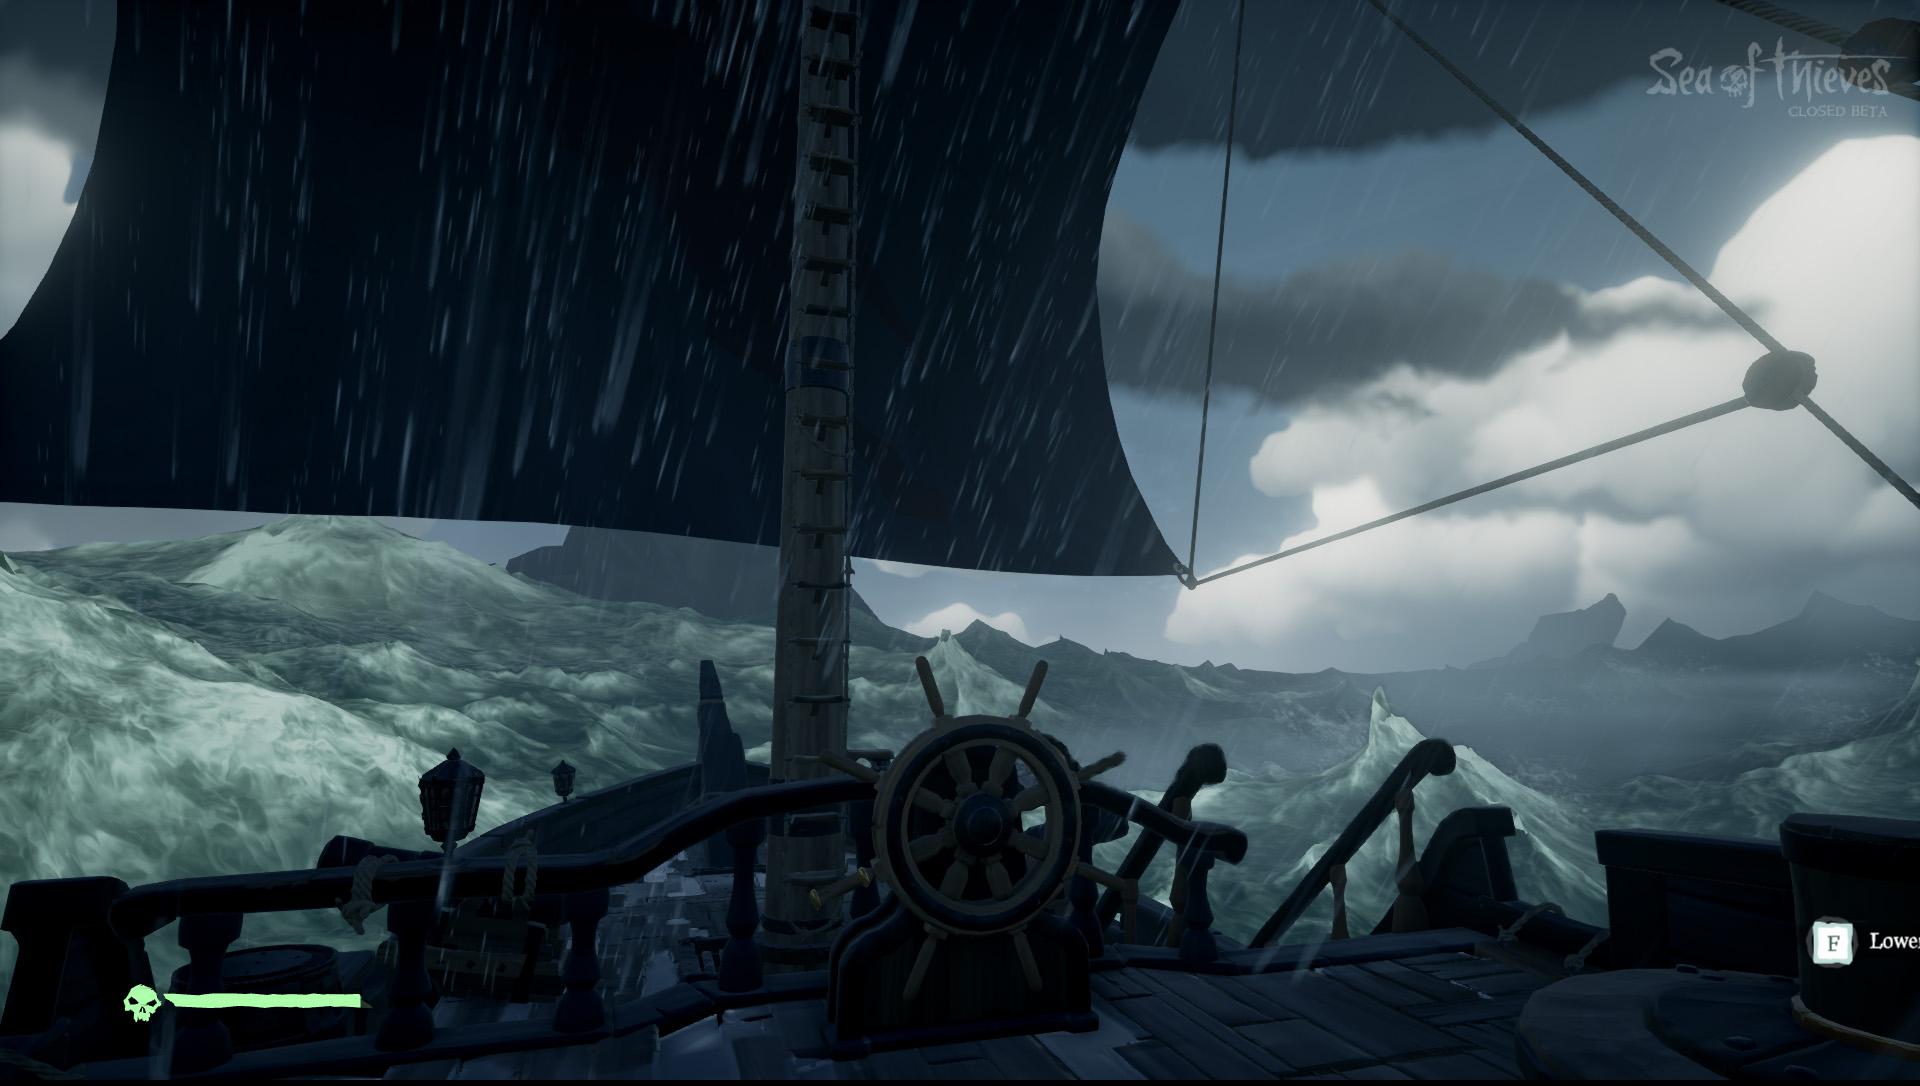 Au milieu d'une tempête, le meilleur ami du marin reste le seau. Pour vomir dedans autant que pour écoper.